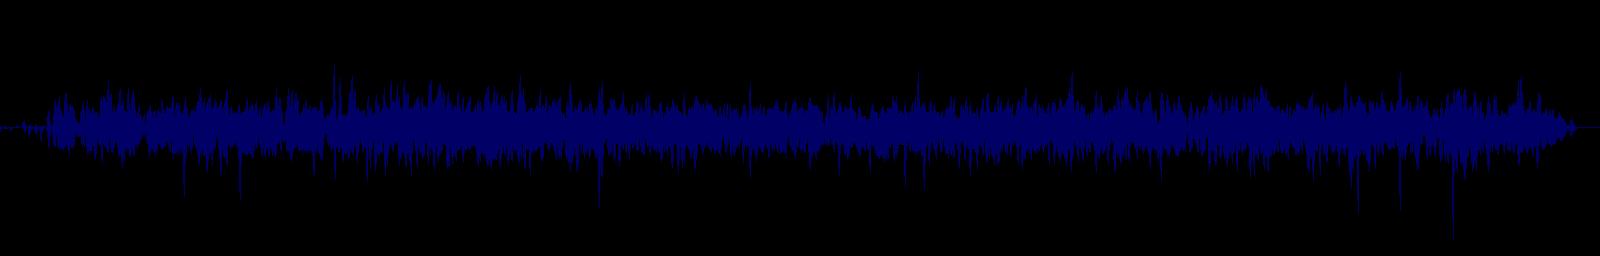 waveform of track #148378